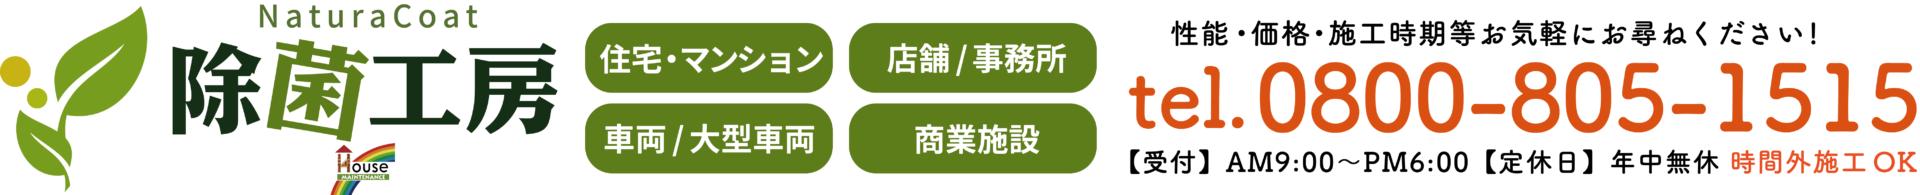 mid_logo